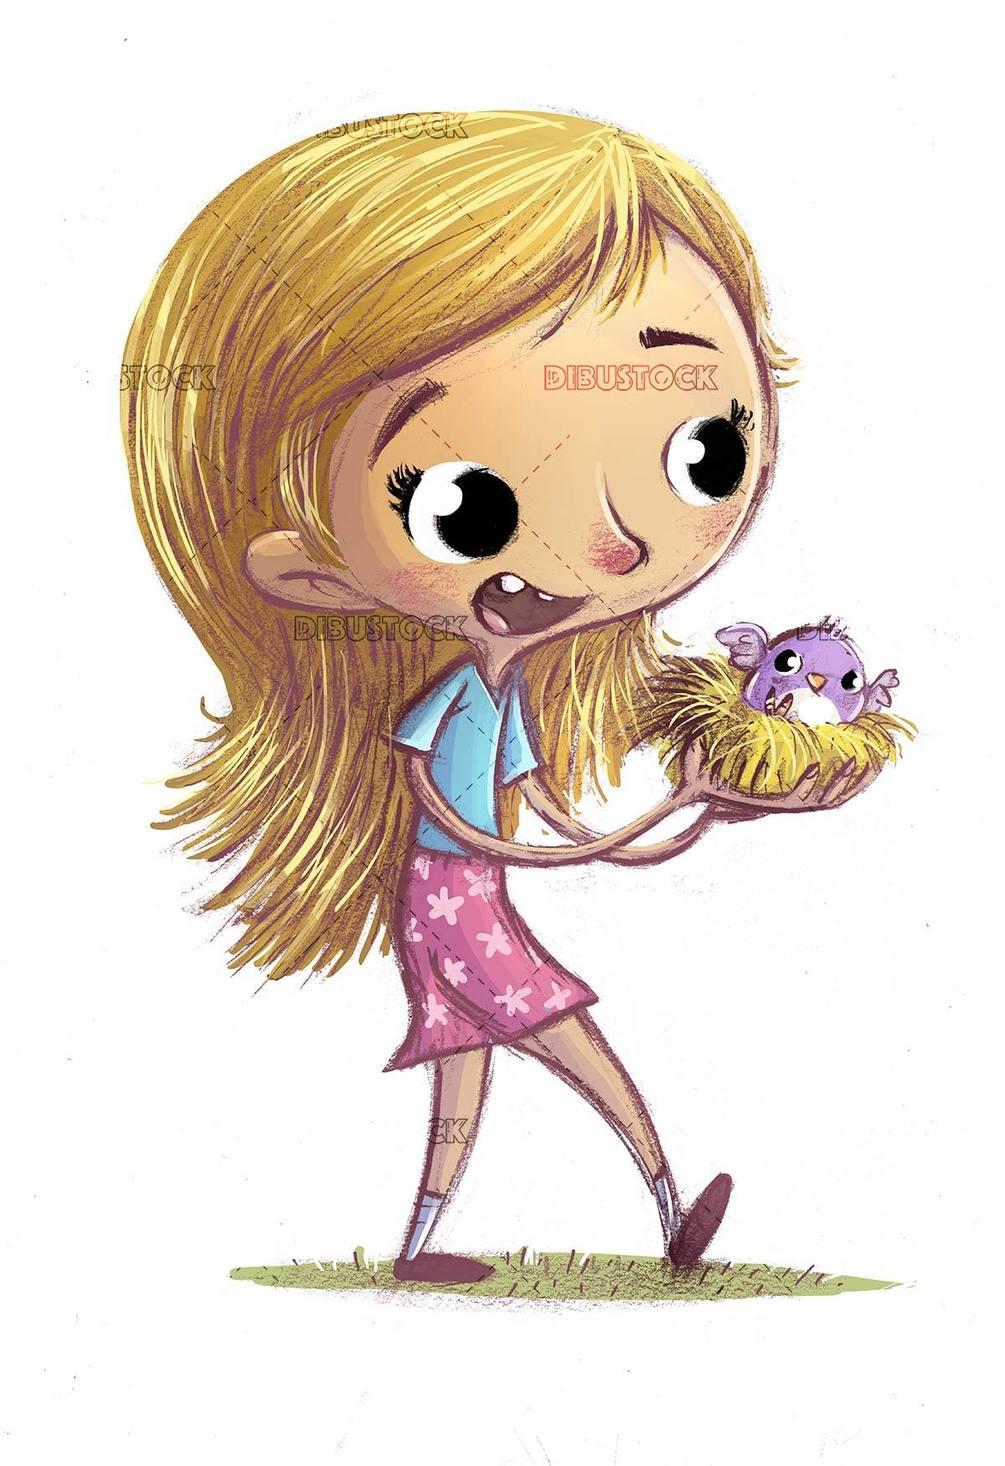 girl with bird nest in hands